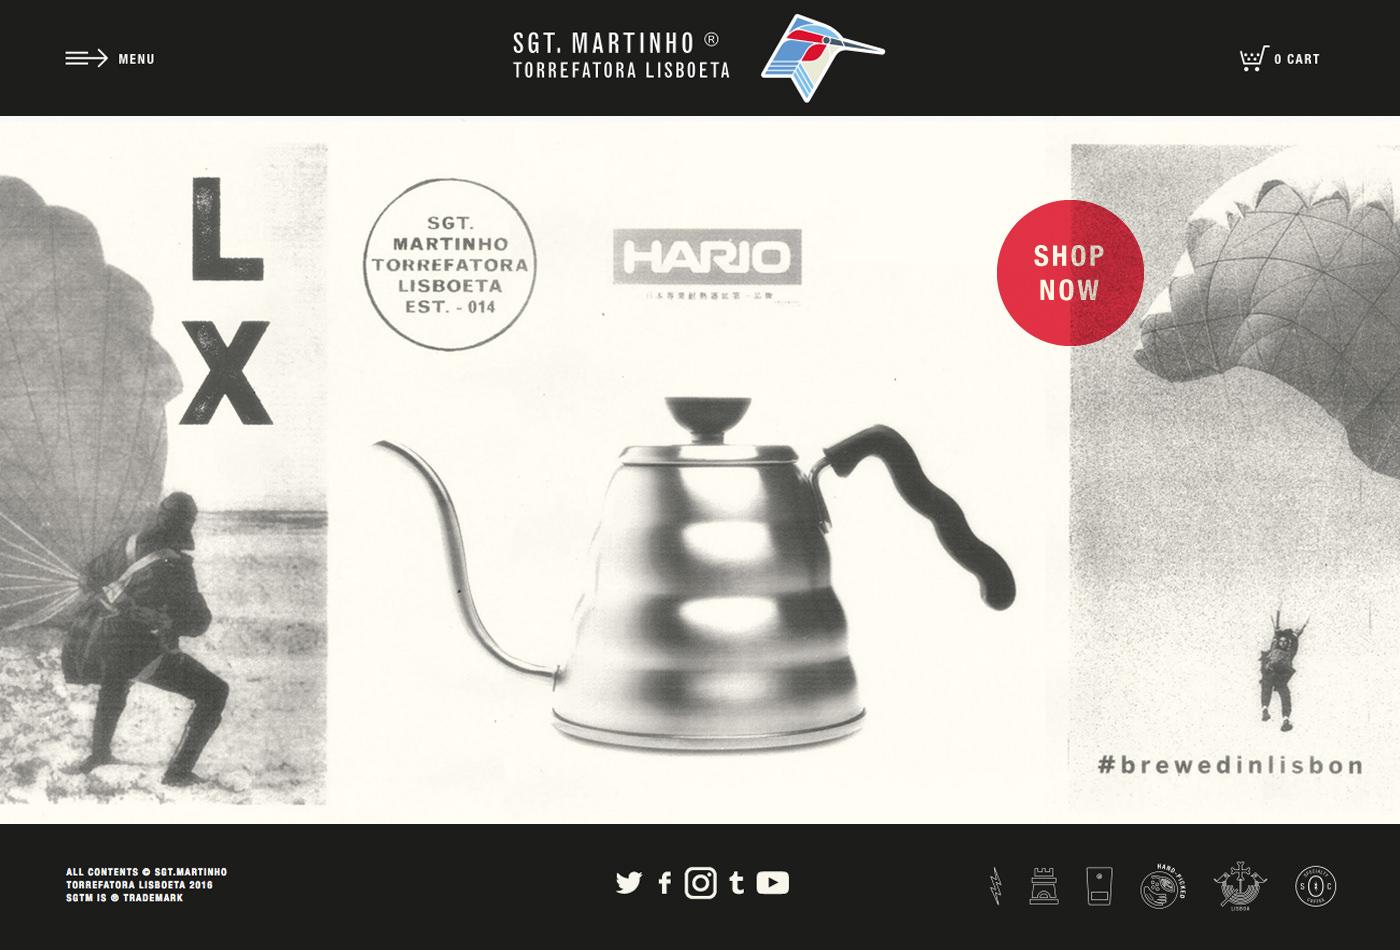 web-sgtmartinho-webdesign-layout-michelemargiotta-vacaliebres